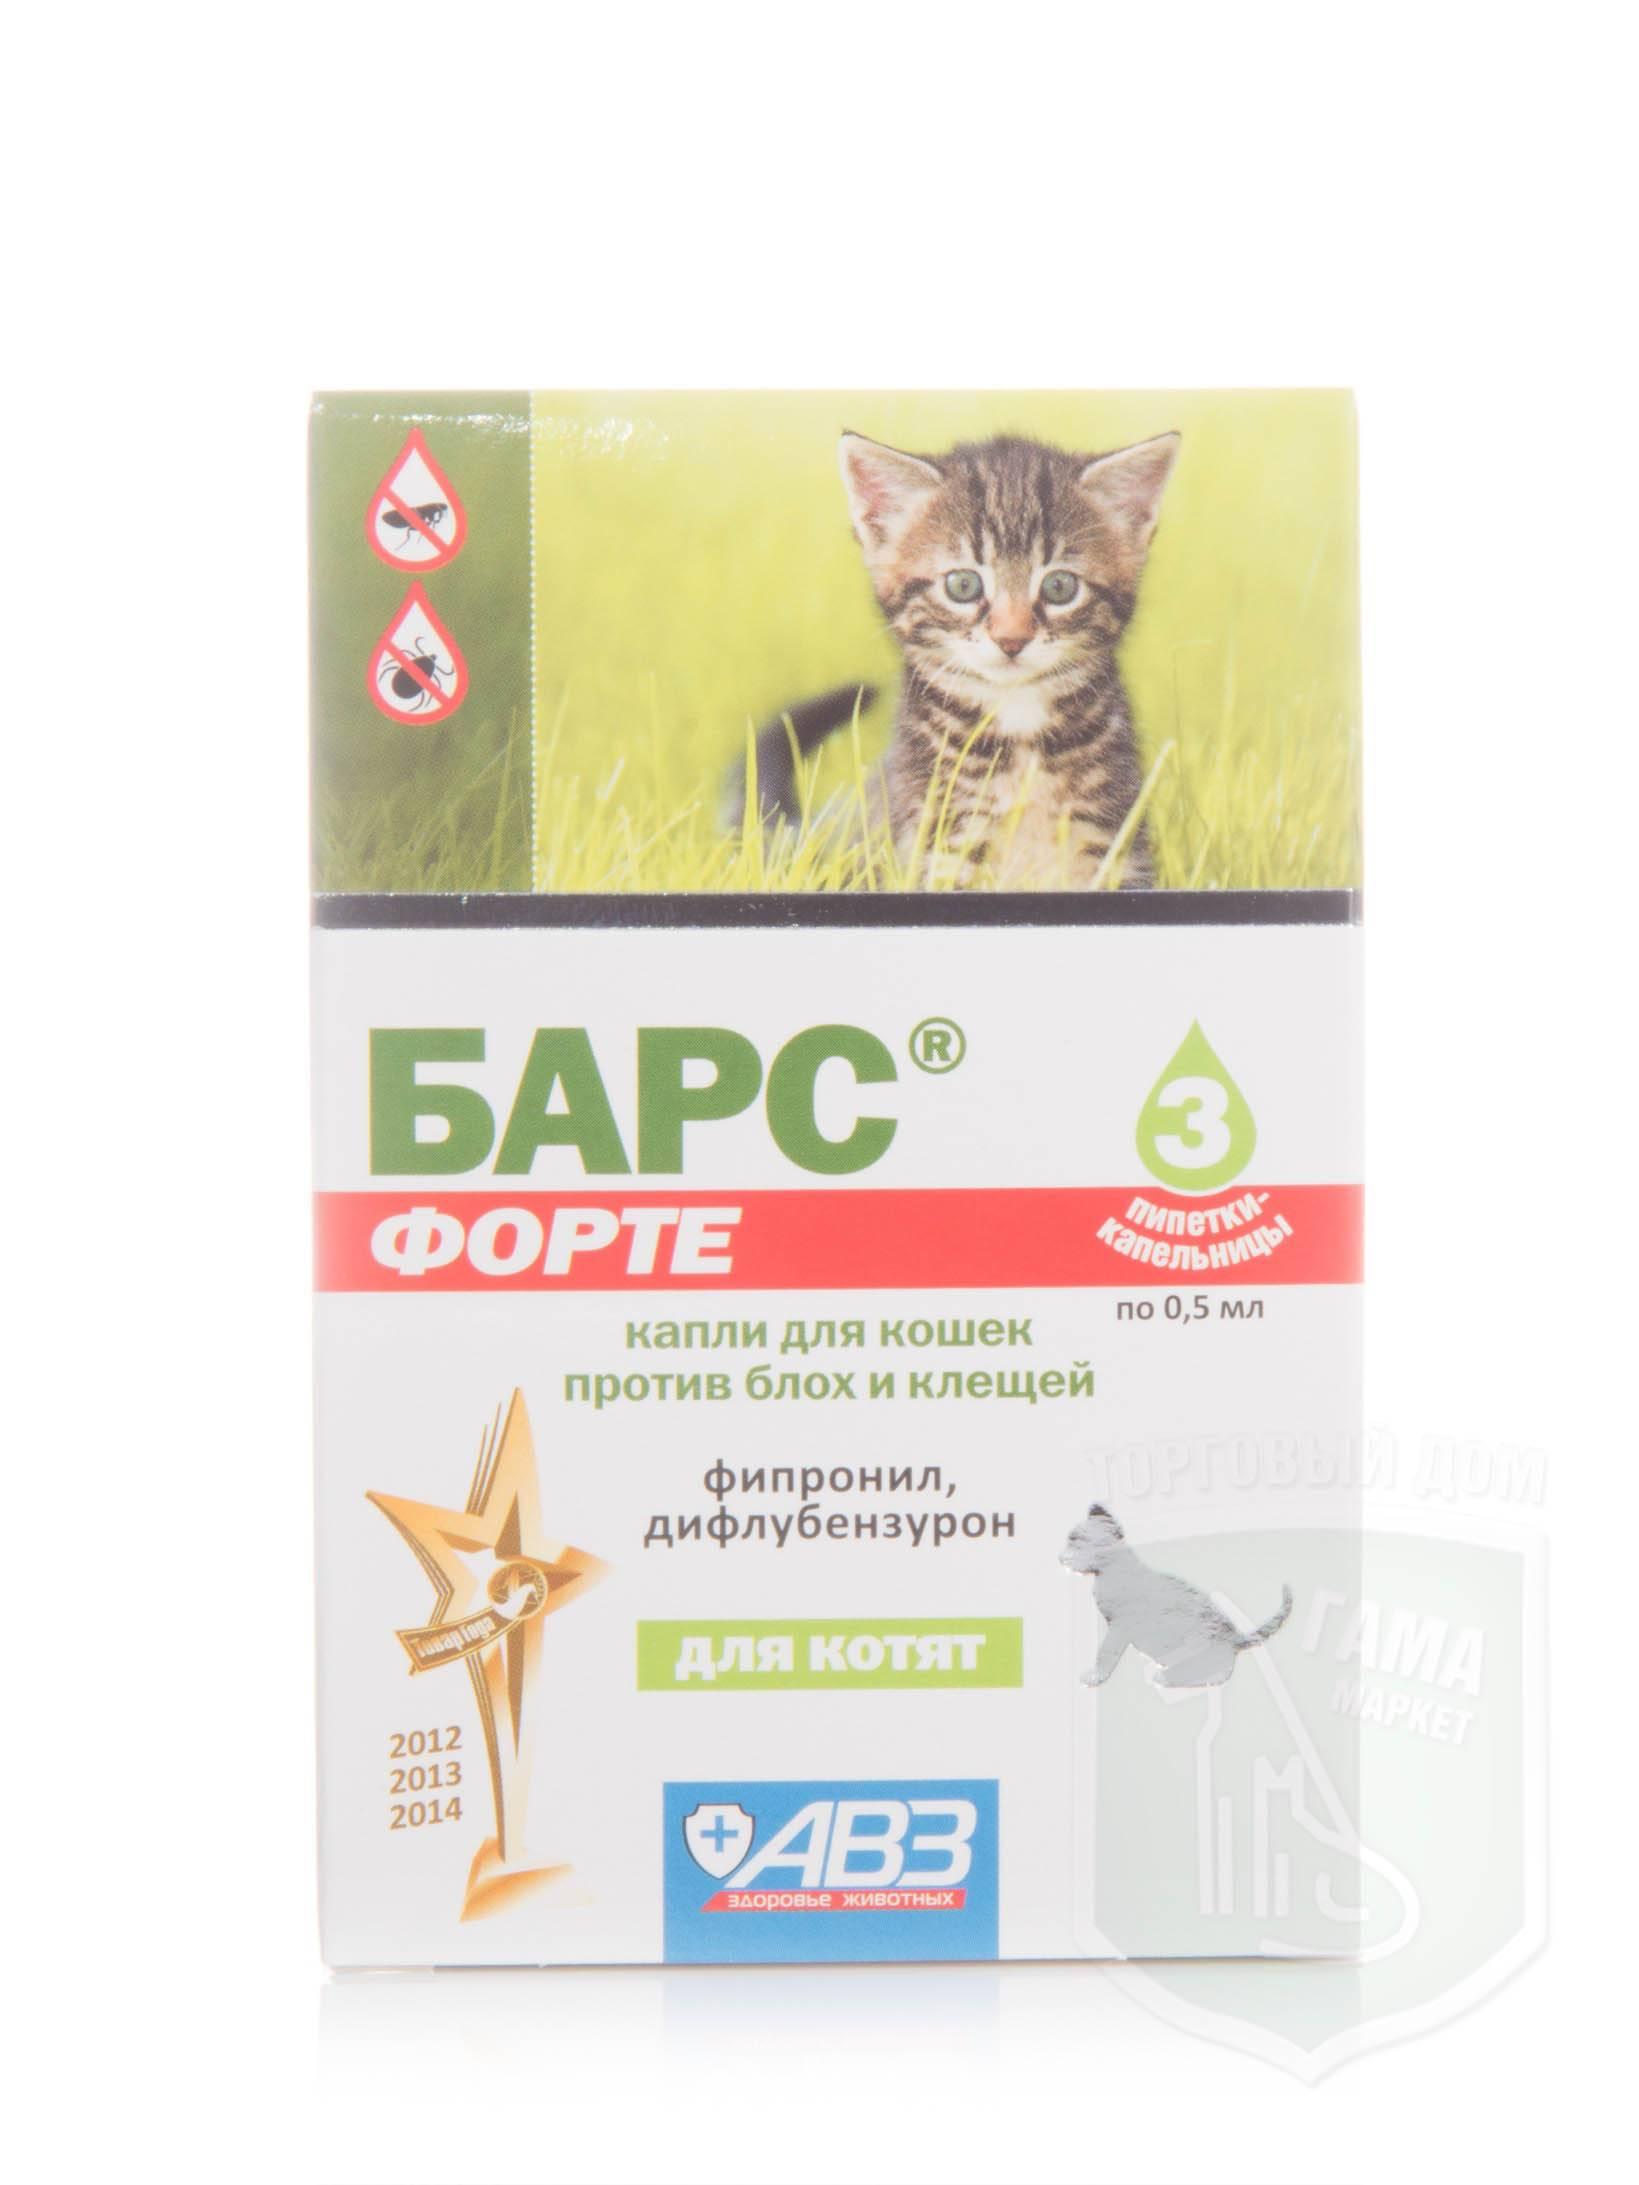 Барс - капли от блох и клещей для кошек: инструкция по применению, другие формы выпуска, отзывы